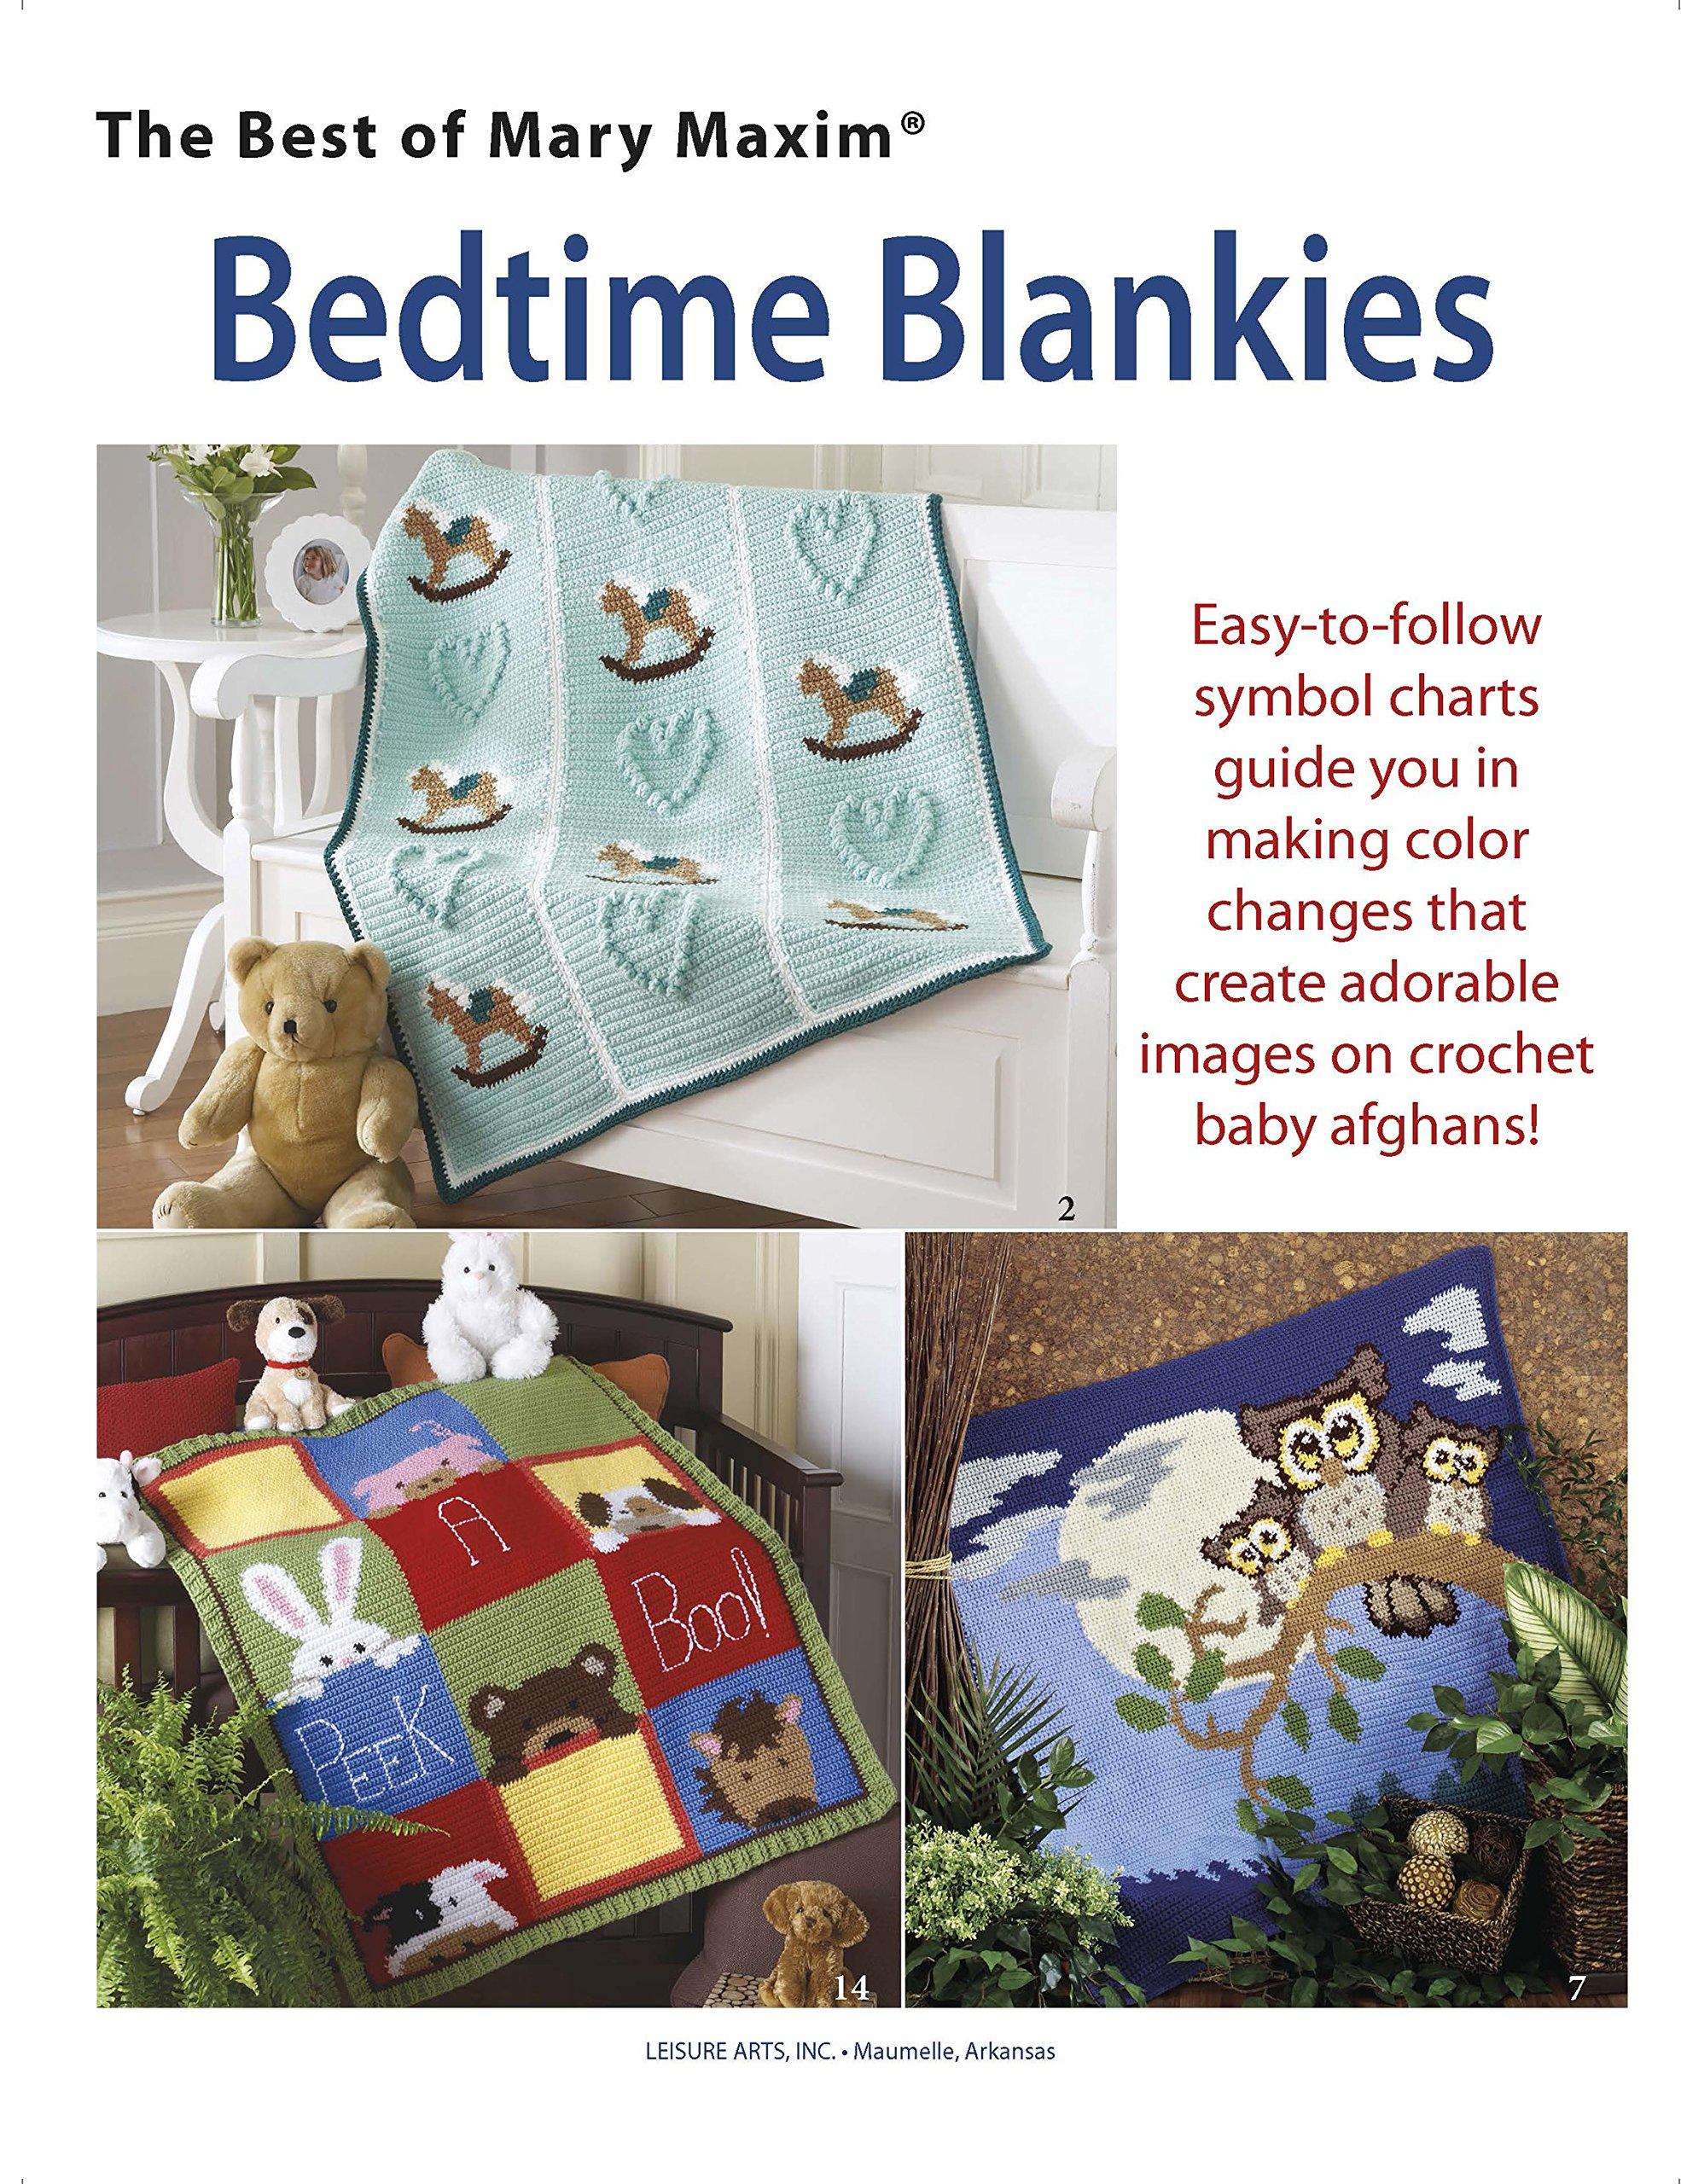 Bedtime Blankies: The Best of Mary Maxim (Crochet): Mary Maxim